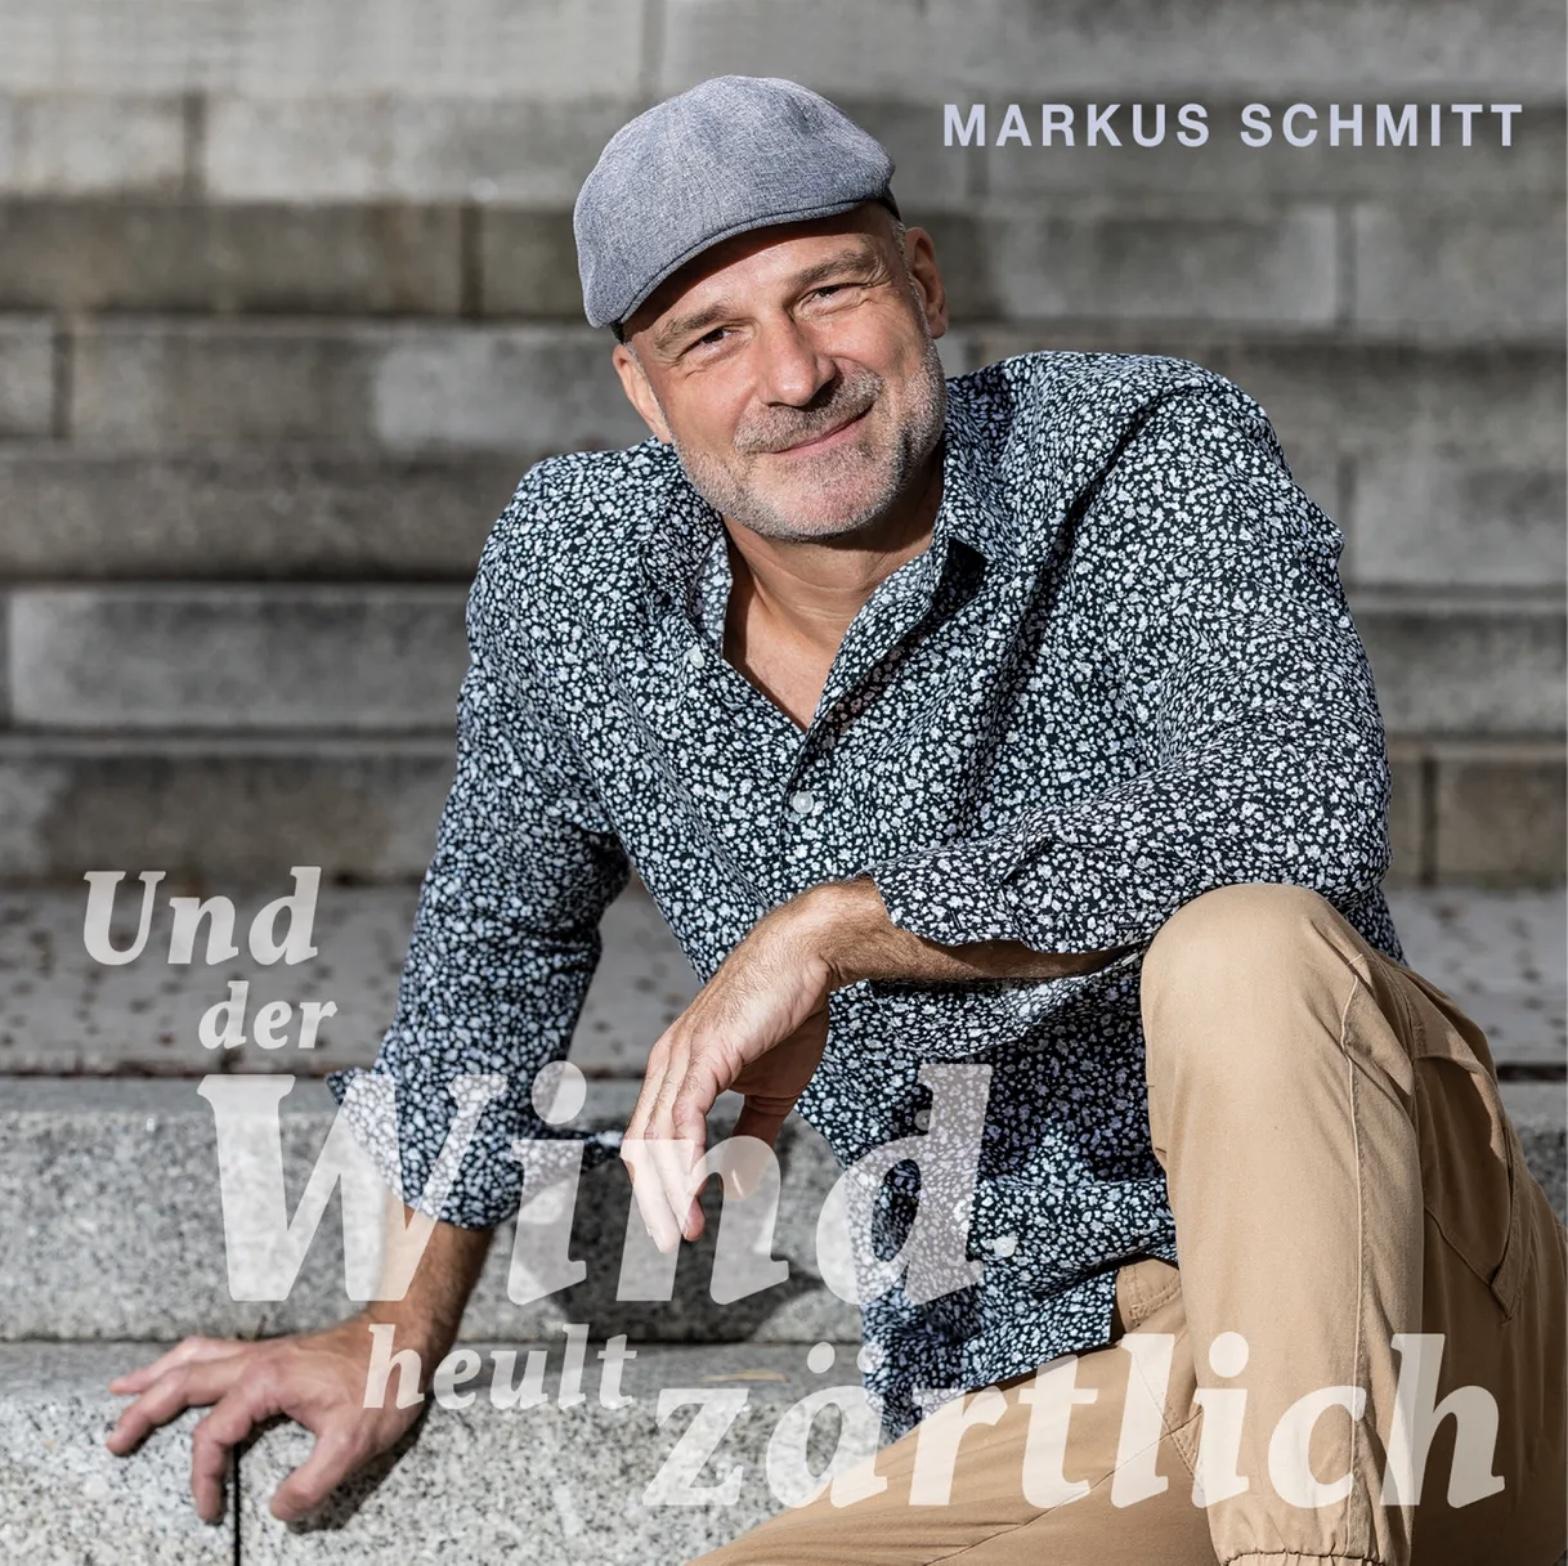 Markus Schmitt – Und der Wind heult zärtlich